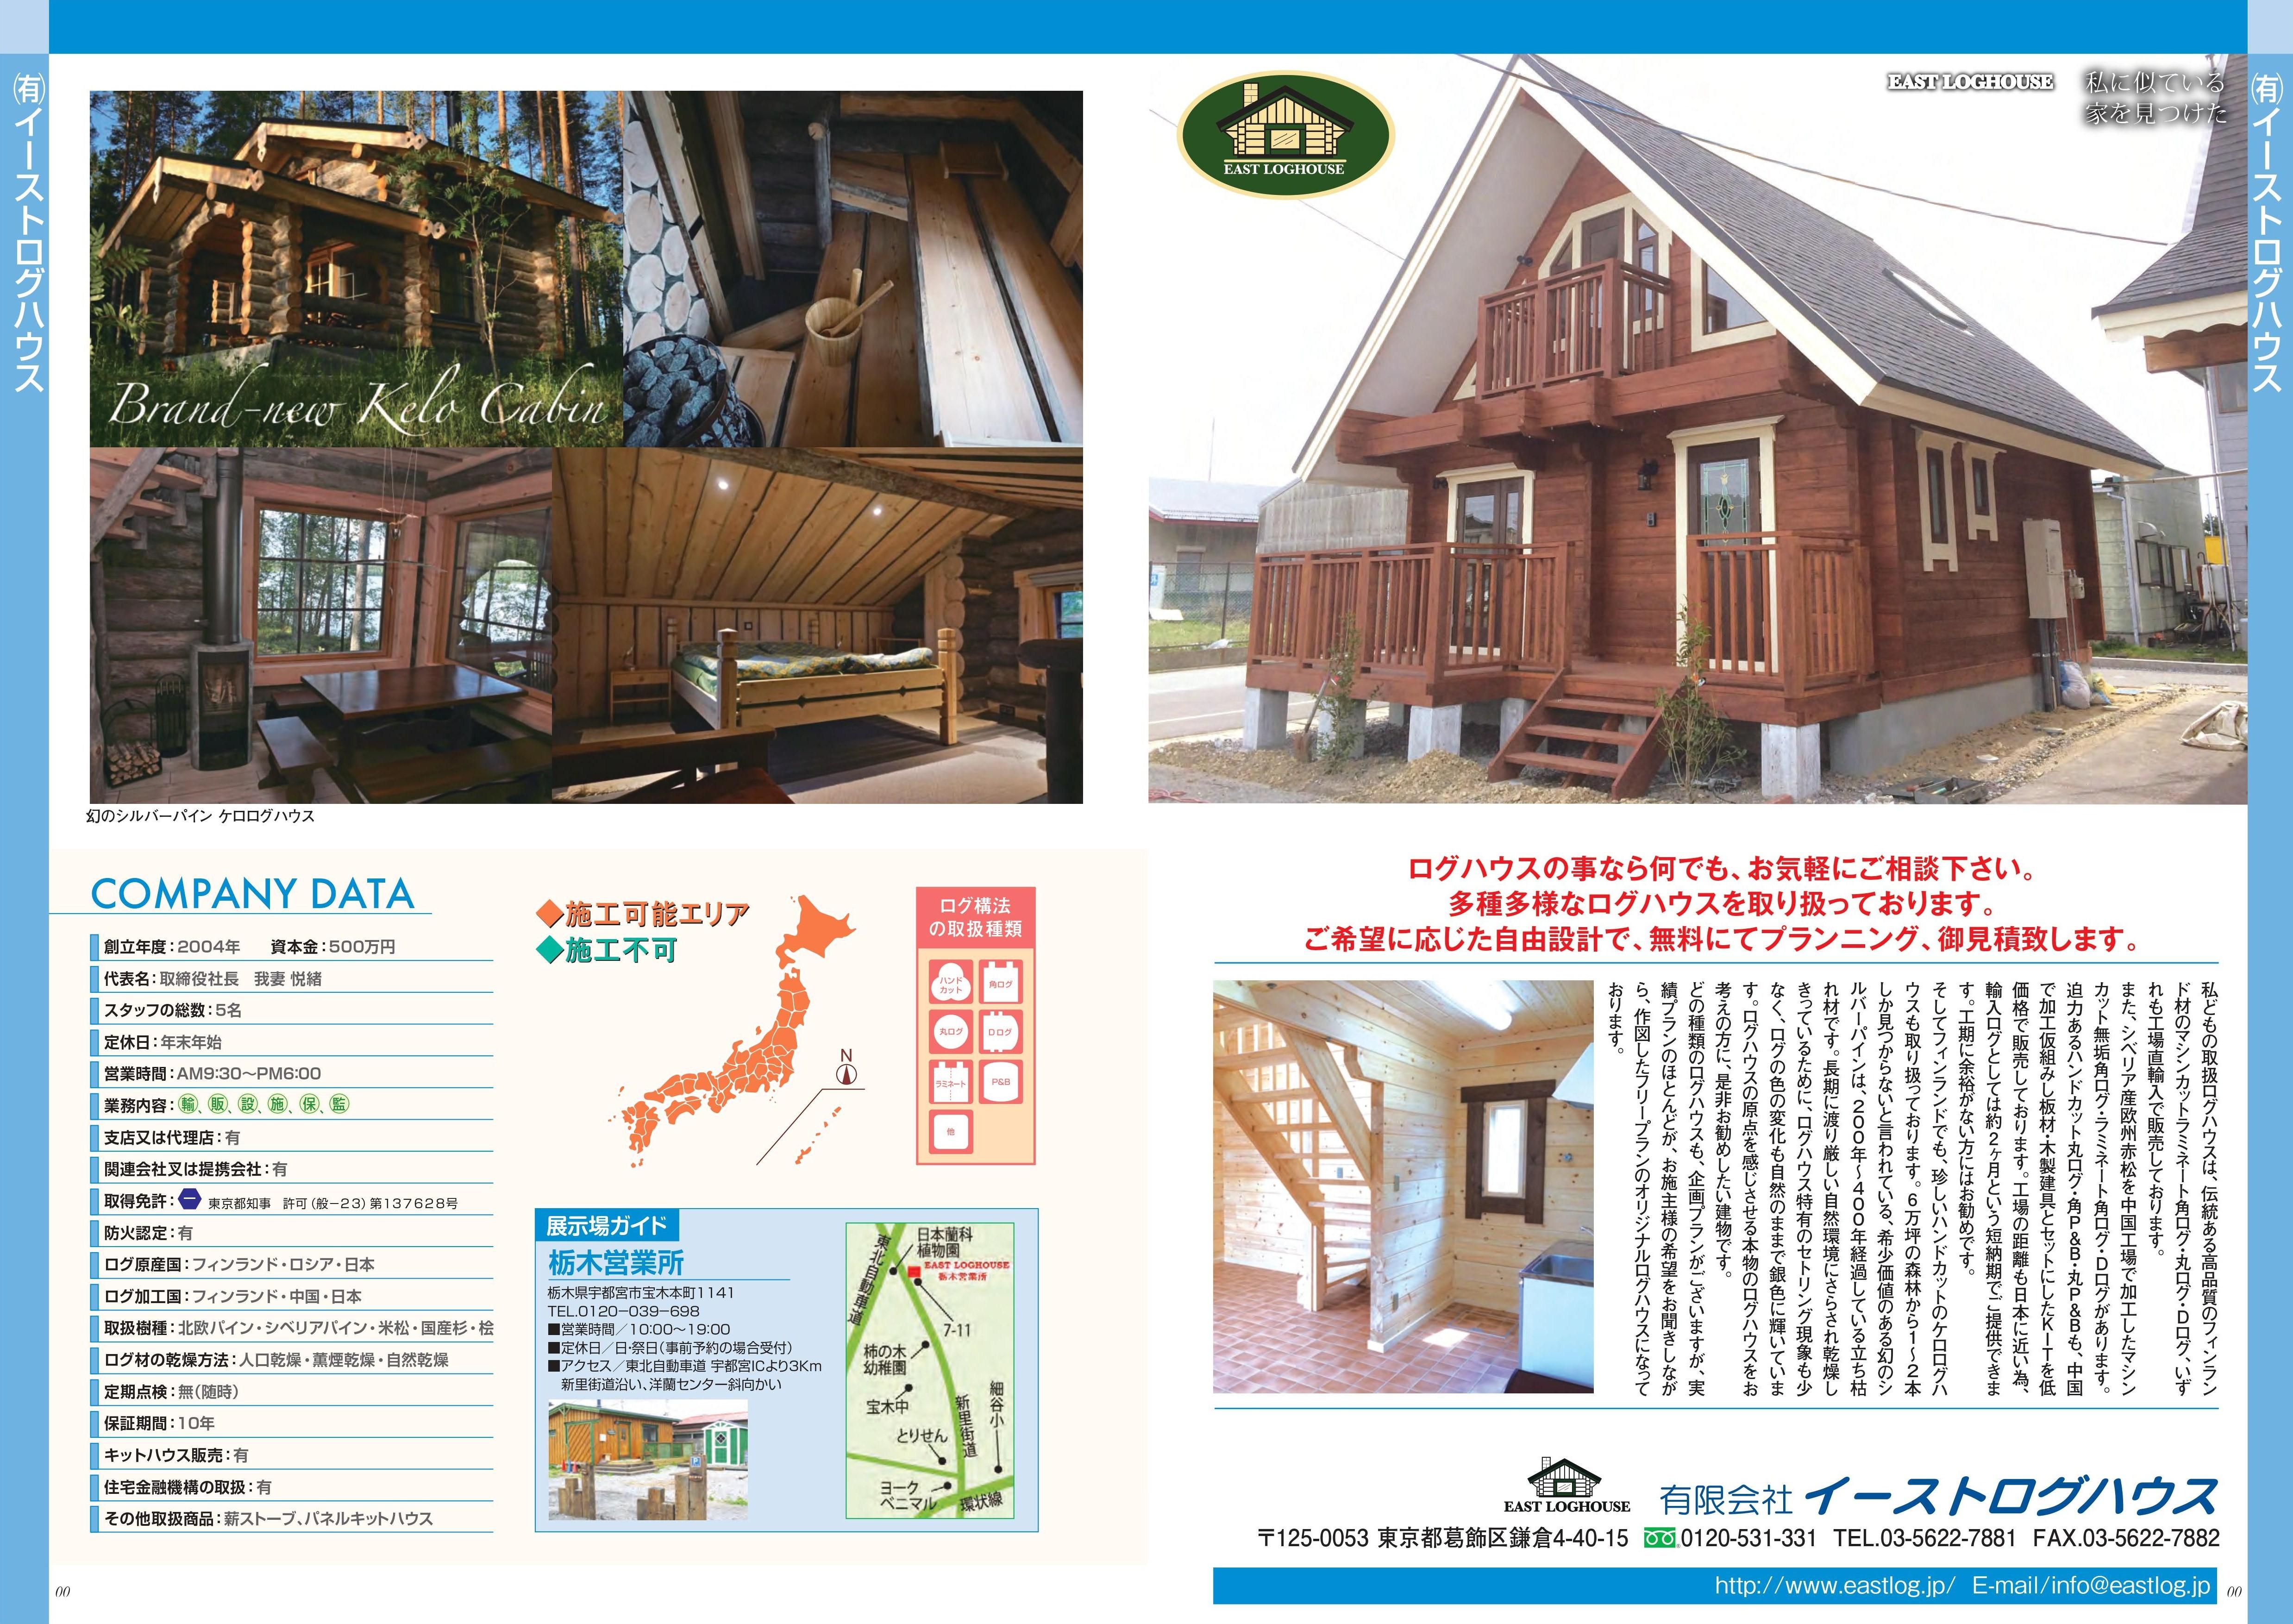 山形県賃貸ログハウス